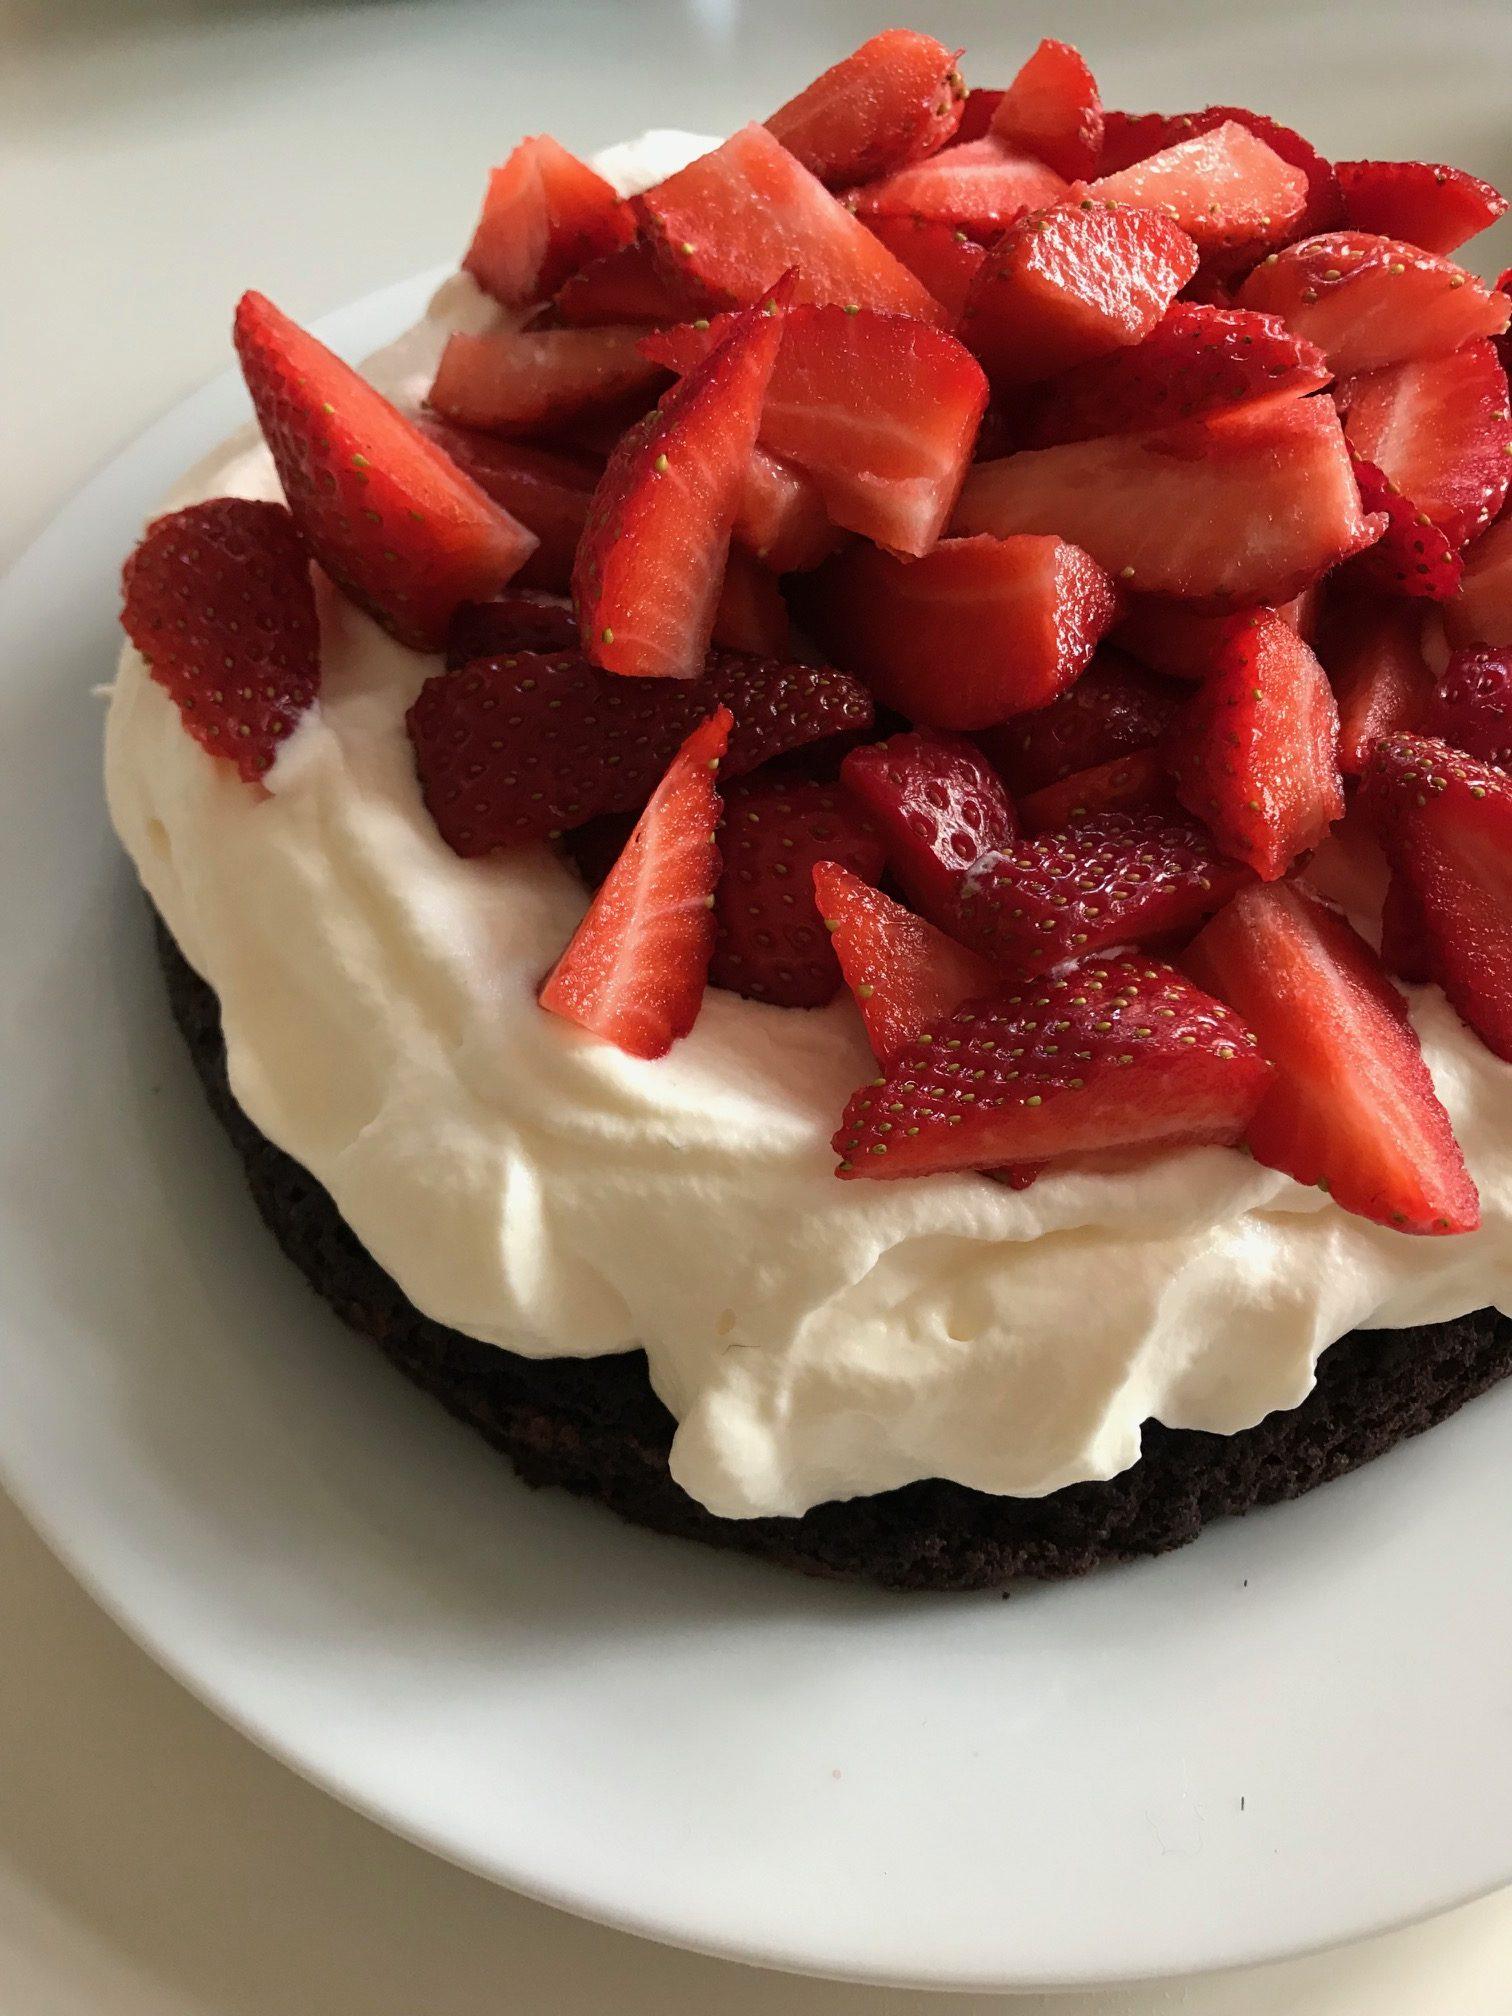 Nem glutenfri choko-jordbær kage til den nemme løsning